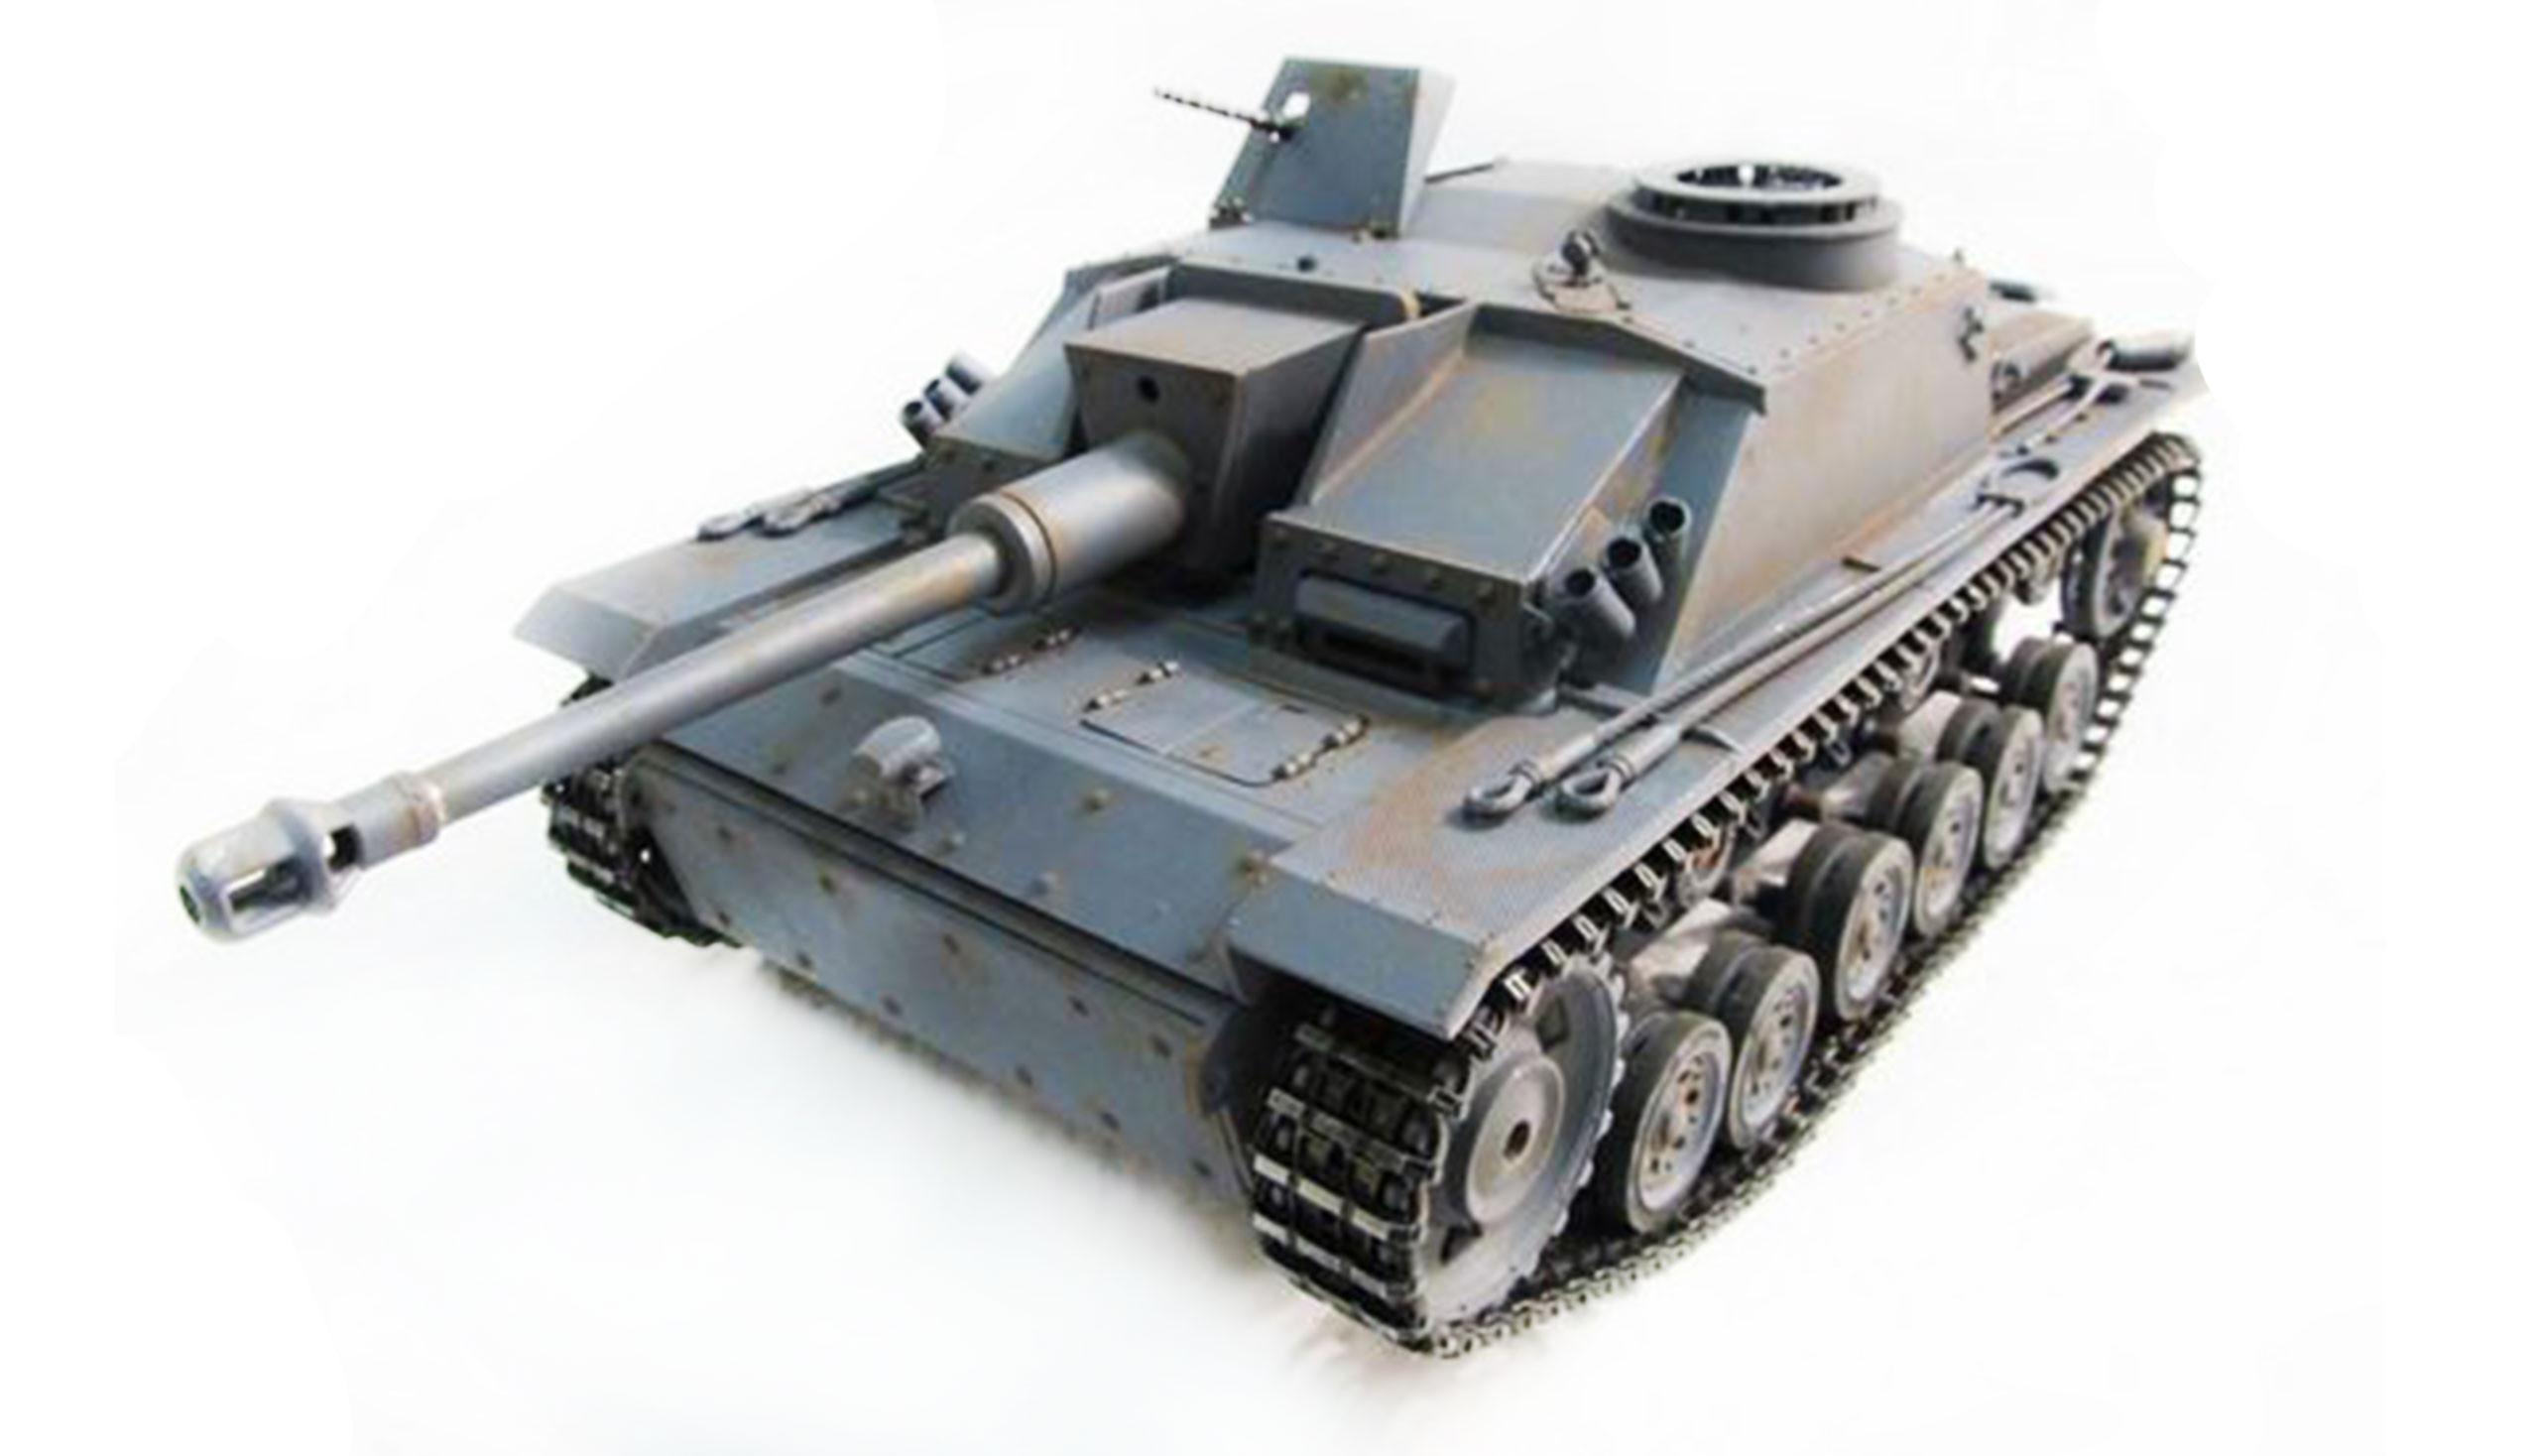 Amewi 23082 - Funkgesteuerter (RC) Panzer - 1:16 - Betriebsbereit (RTR) - Grau - 2,4 GHz